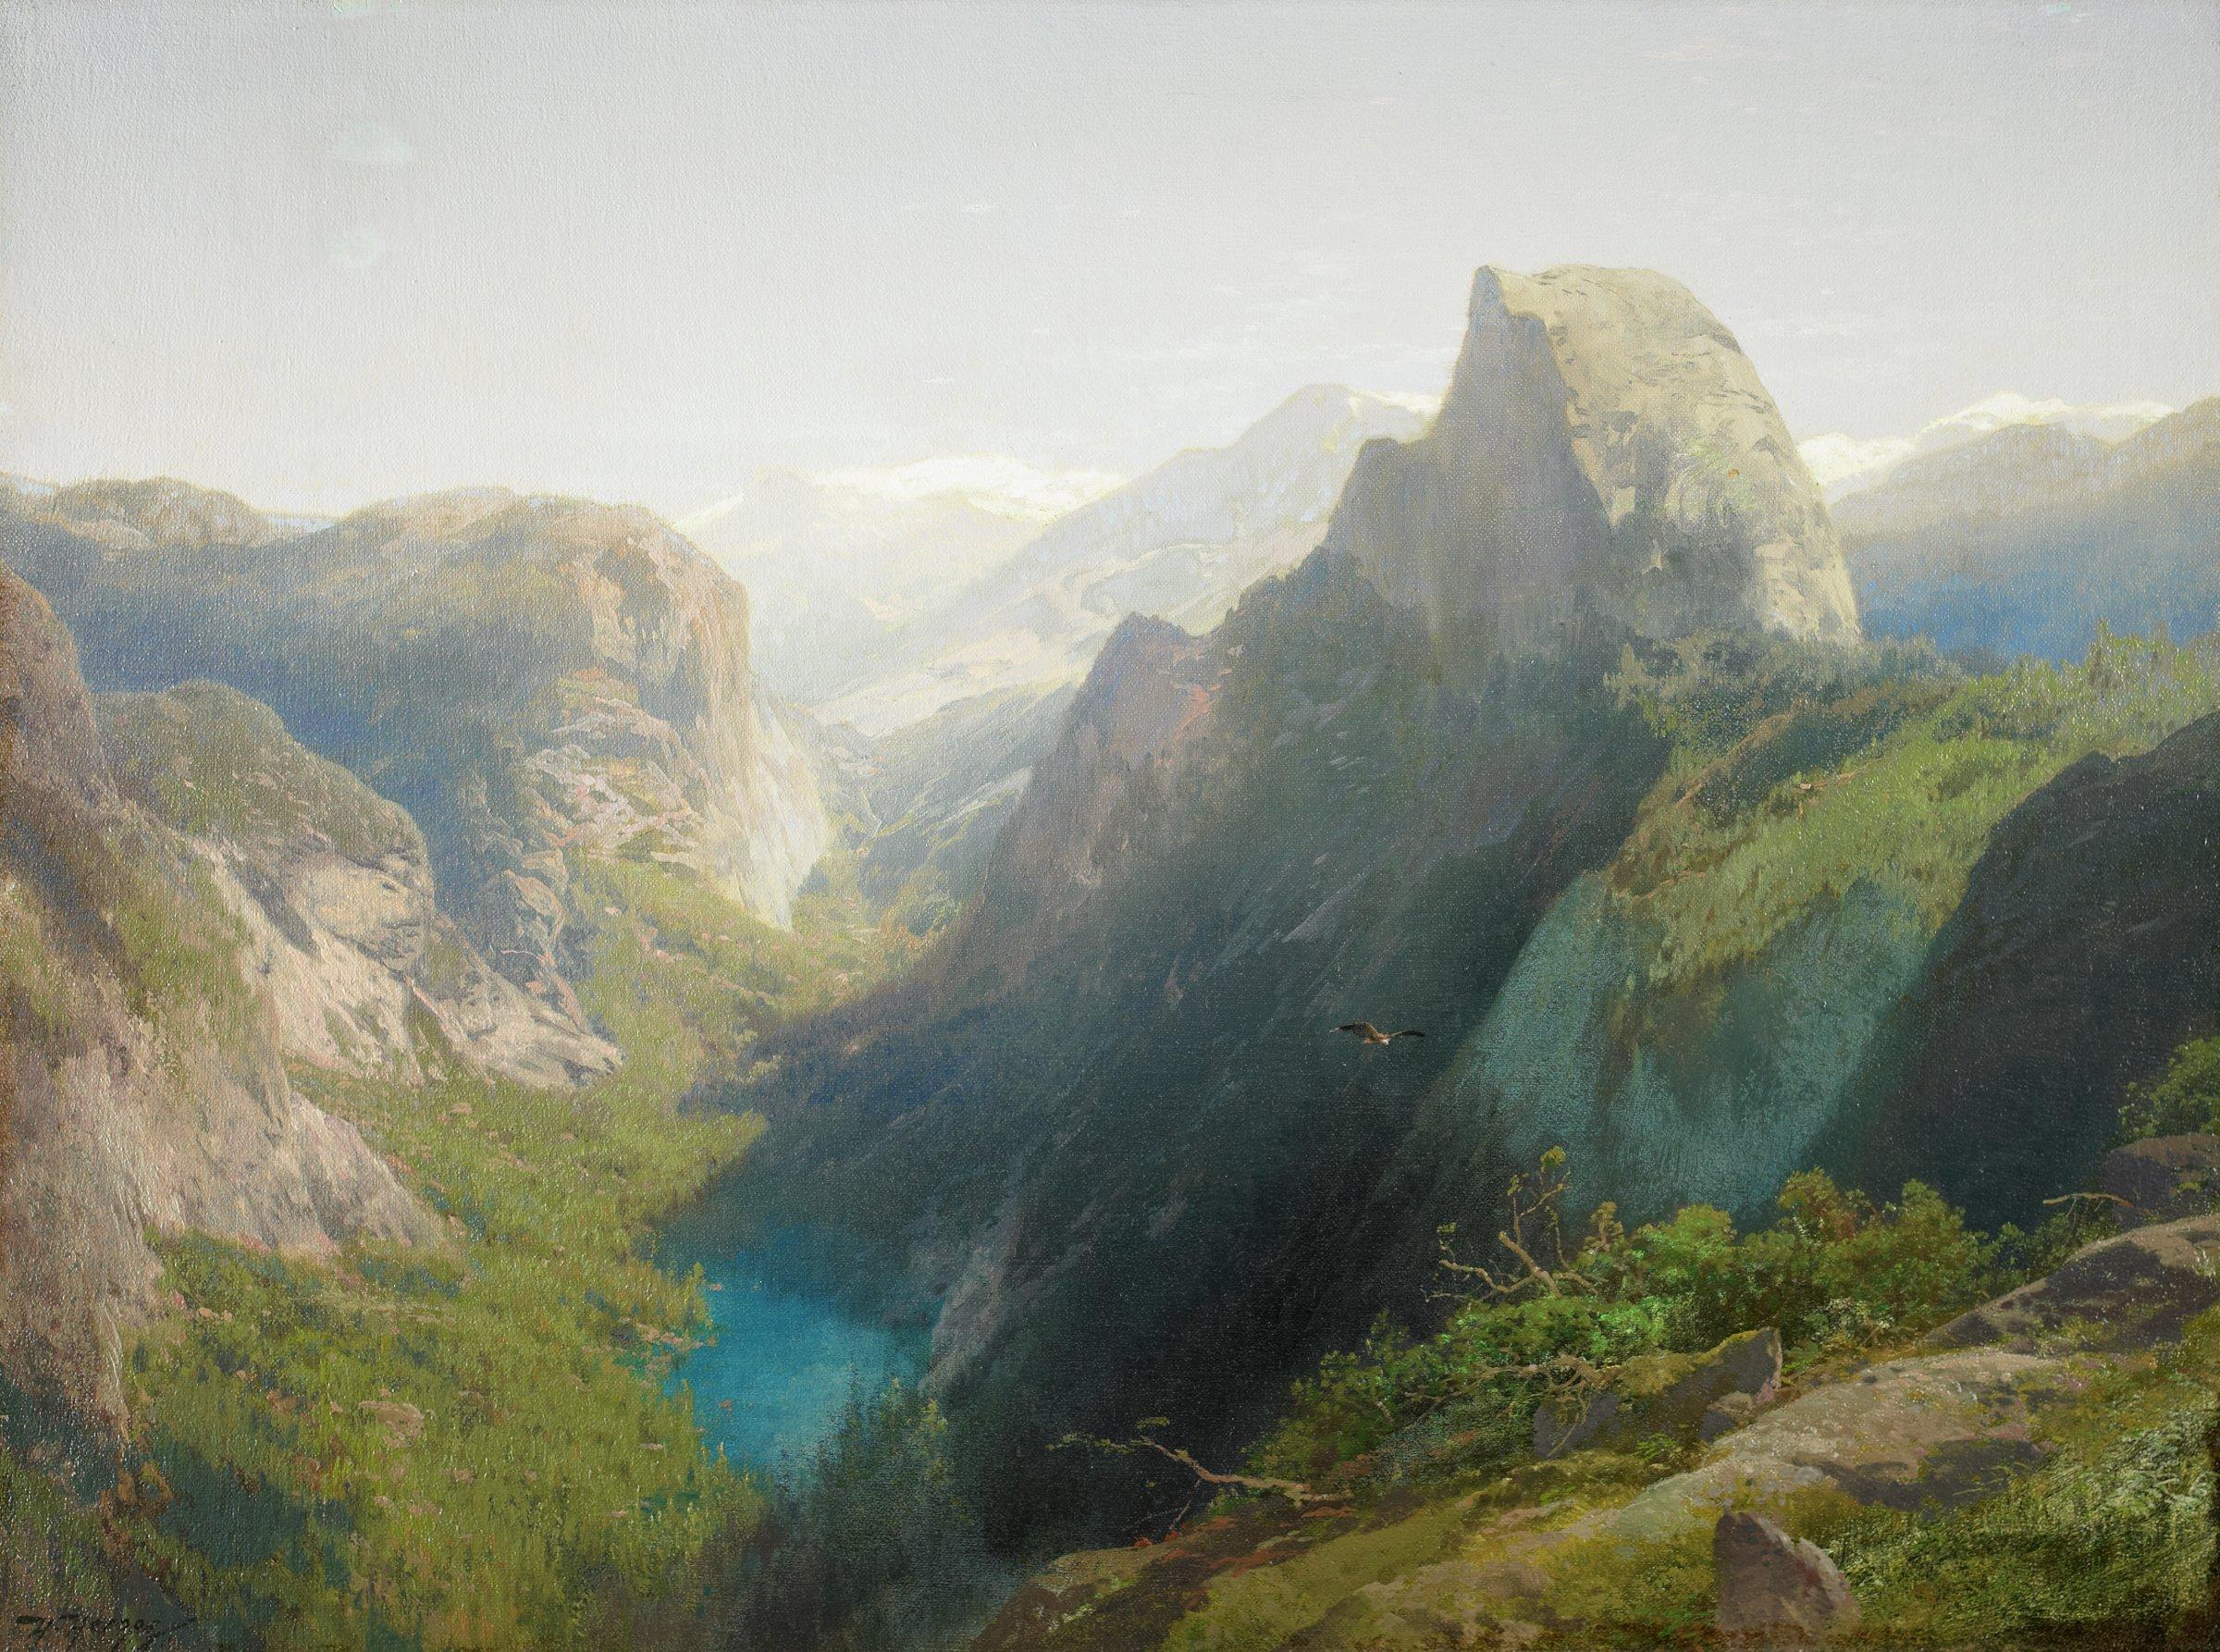 Mirror Lake, Yosemite, Herman Herzog, oil on canvas